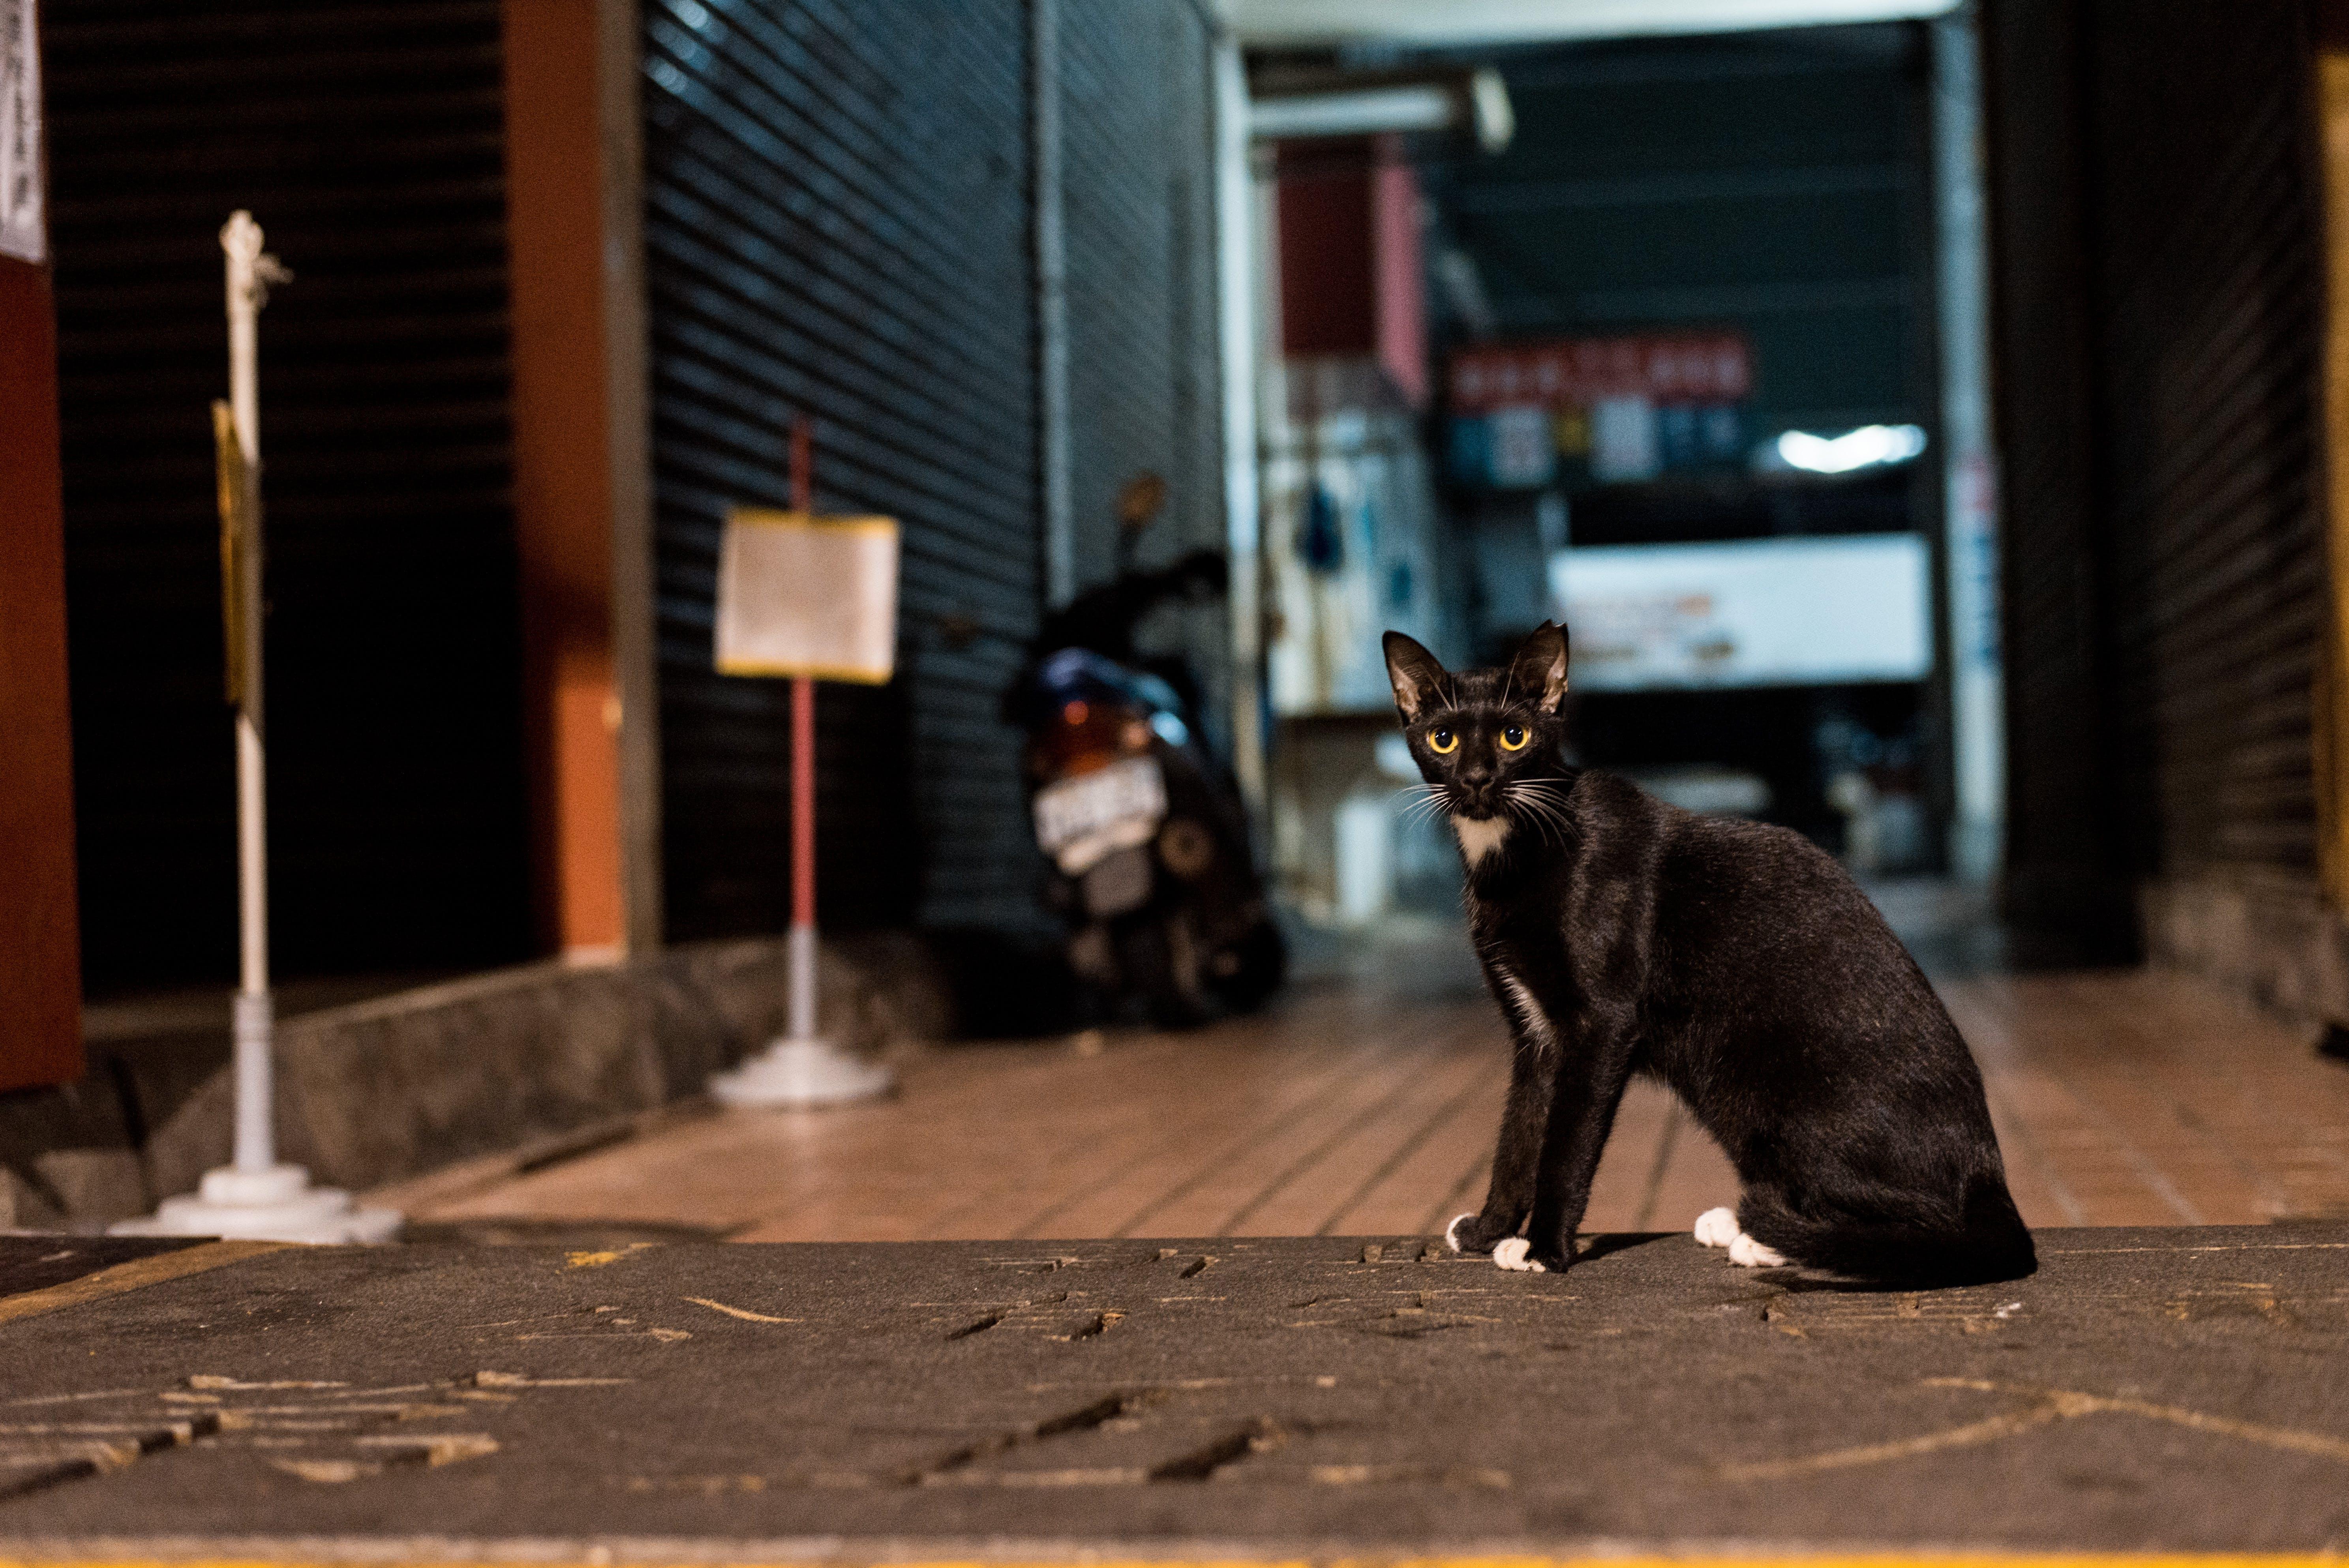 White and Black Tuxedo Cat Sitting on Sidewalk